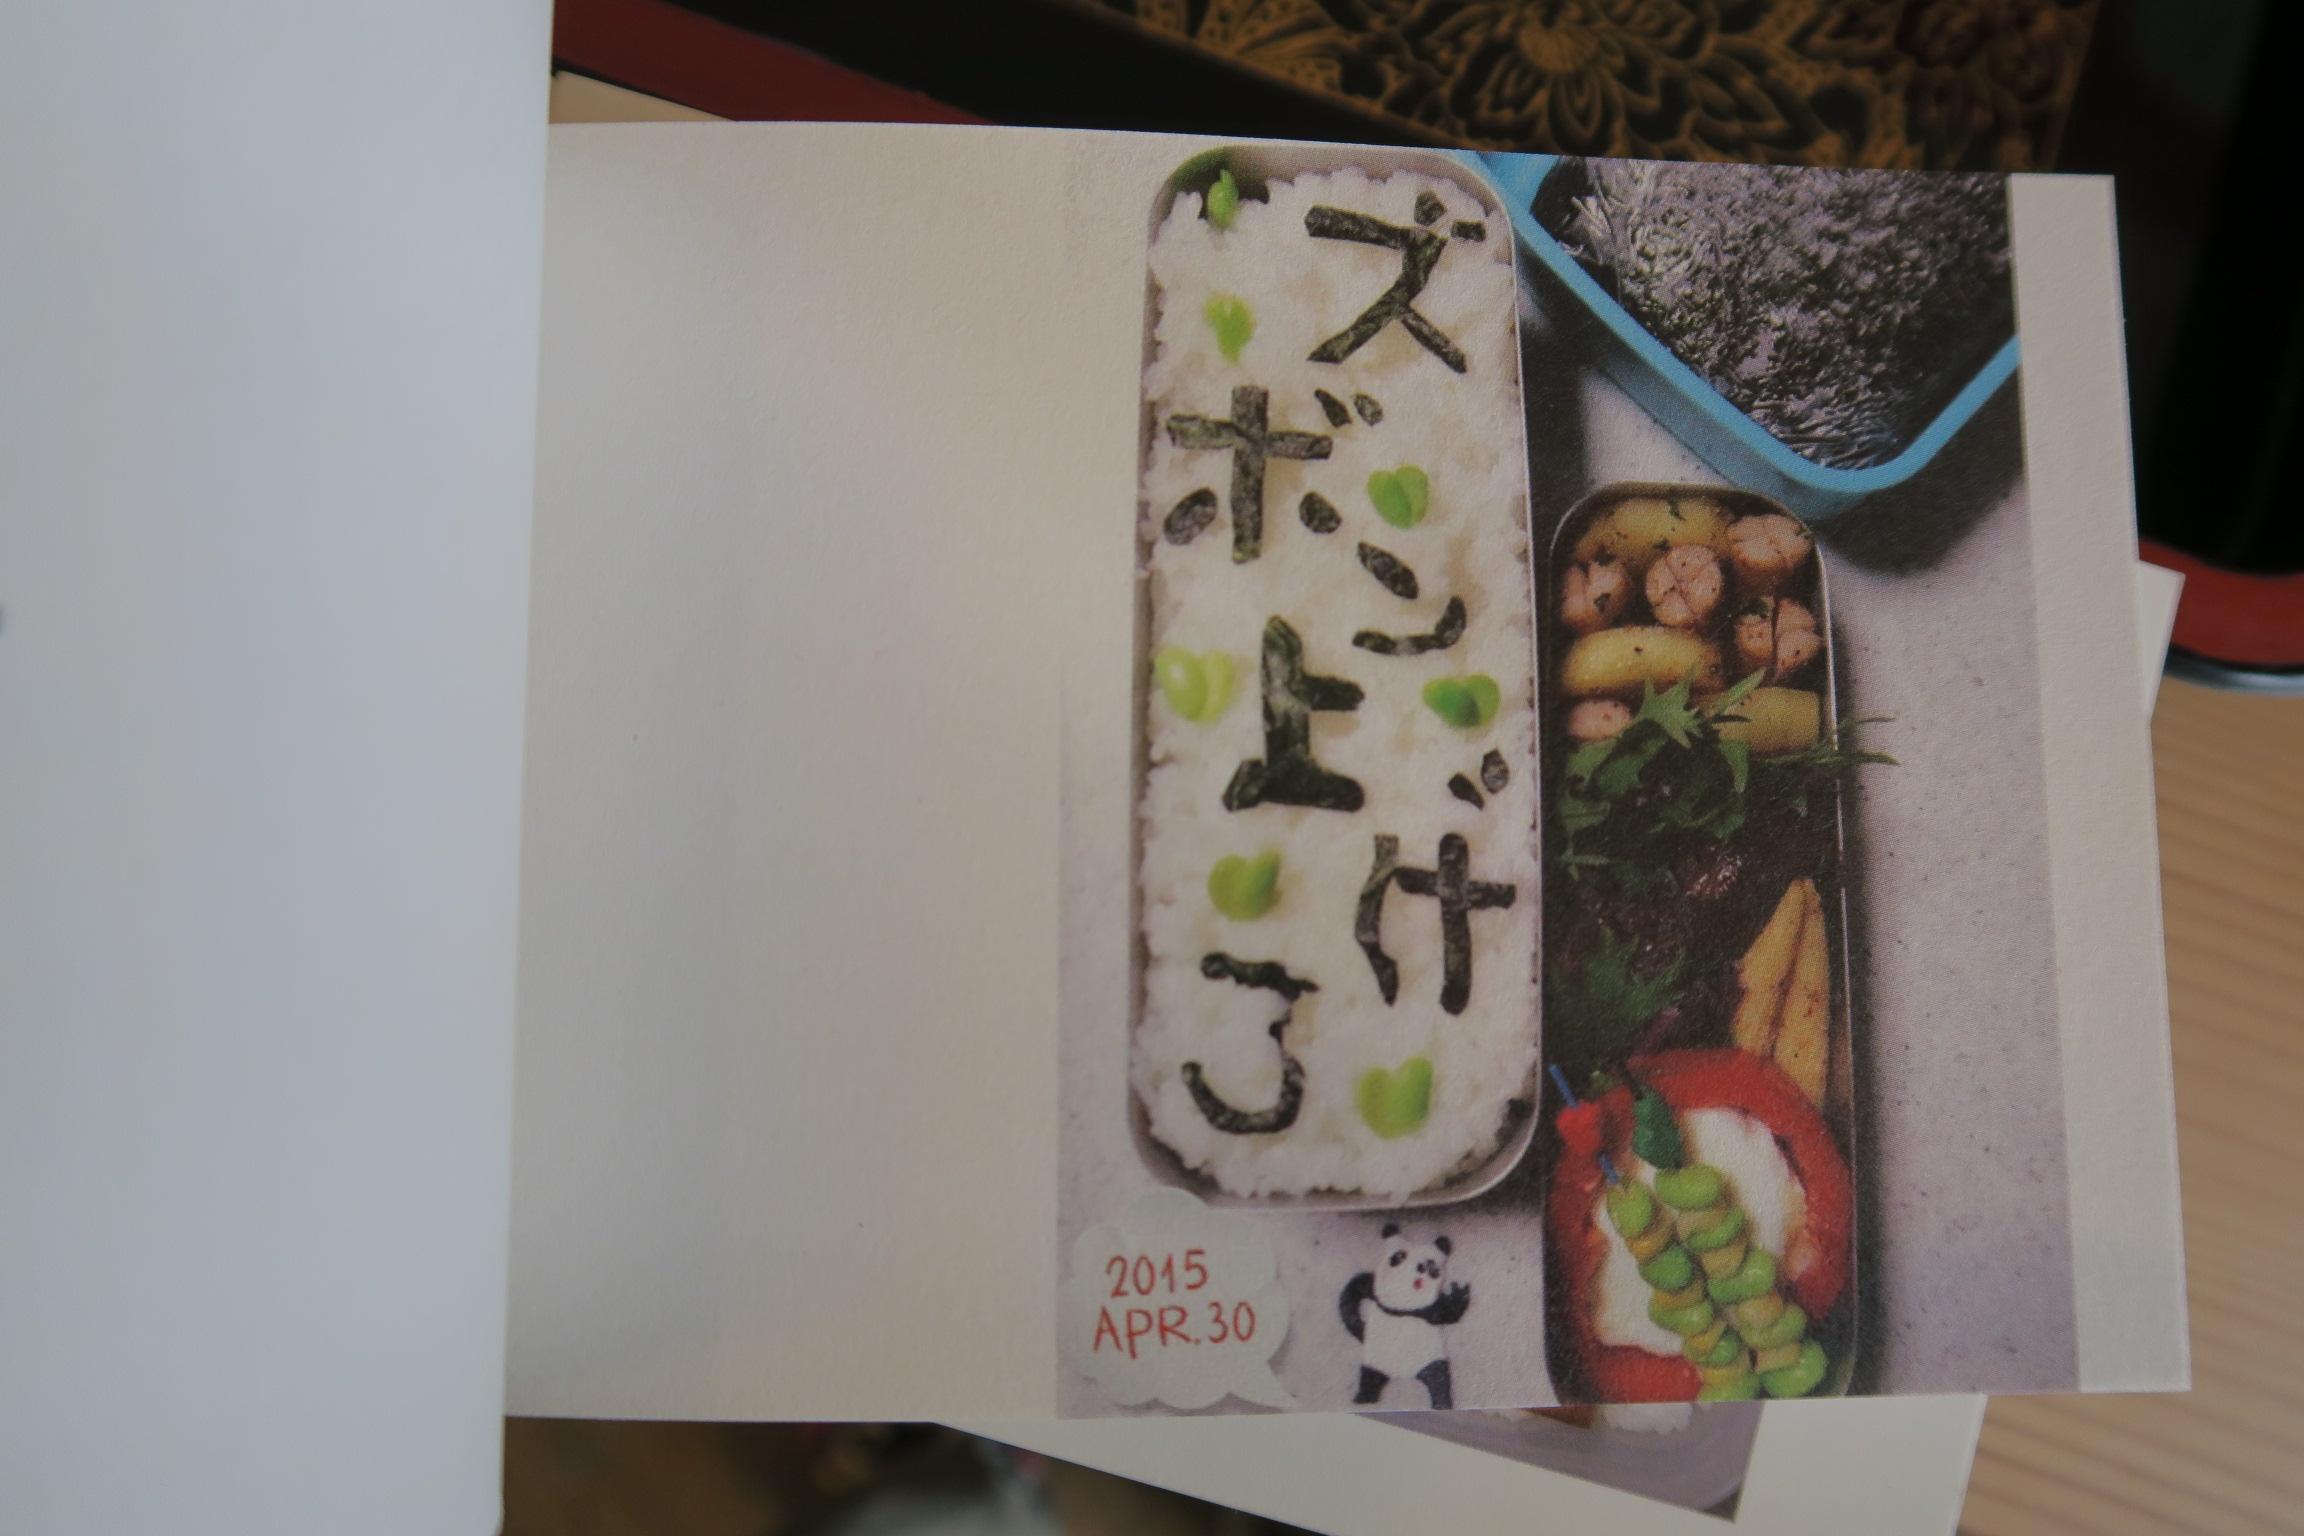 お米屋さんの店主が高校生の息子に作っていたお弁当の写真。その他「部屋くっさー」などいろいろ(笑)